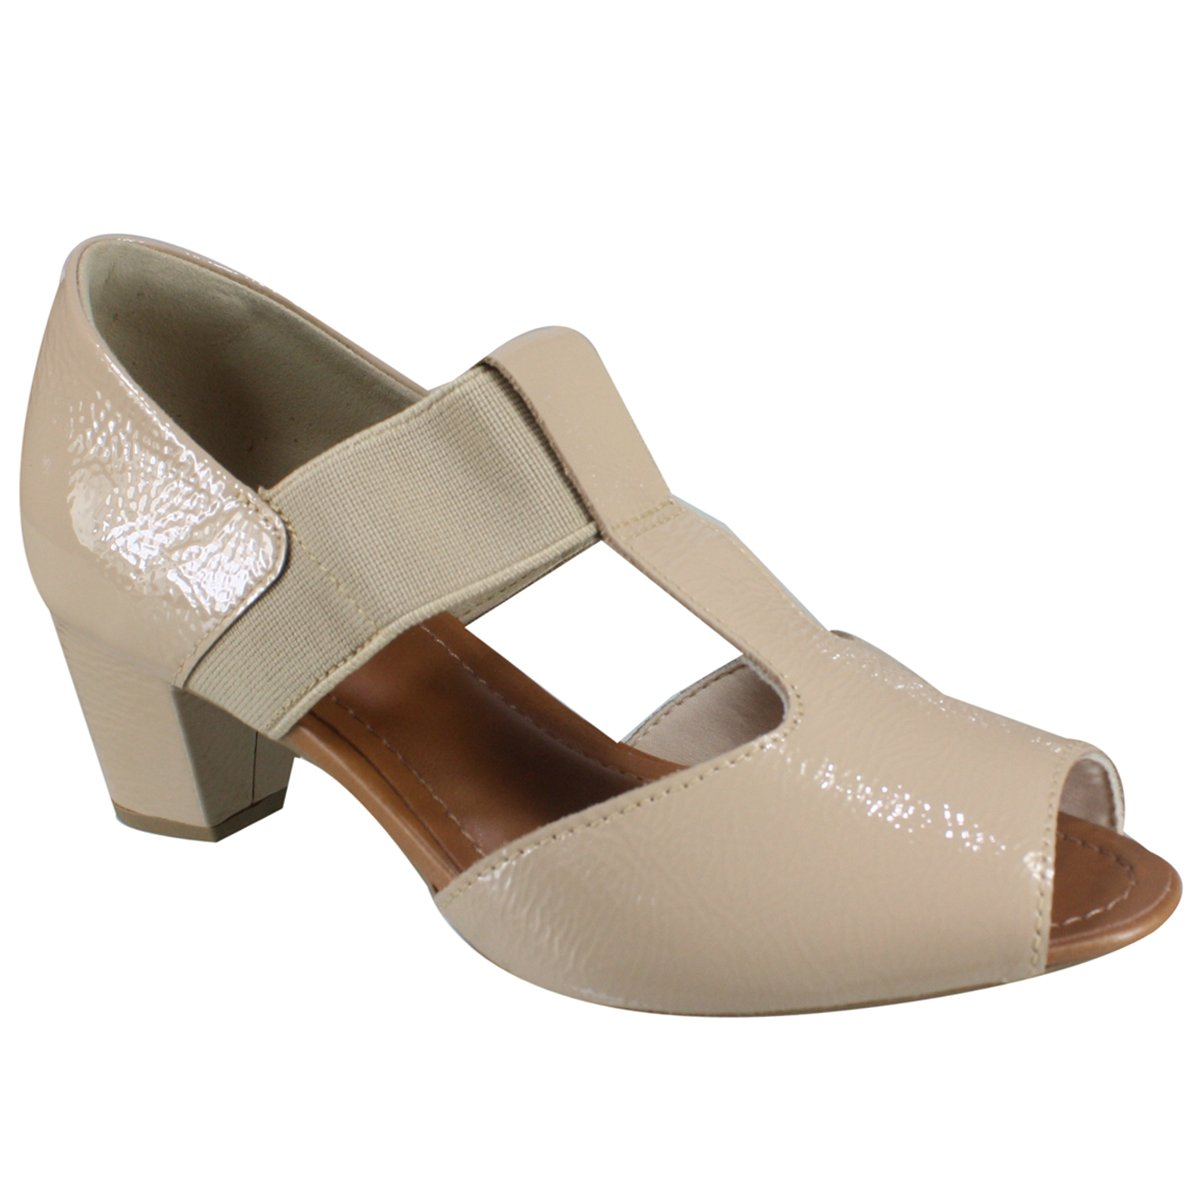 406857a16 Sandália Feminina Usaflex AA2606 2 - Blush (Verniz Soft) - Calçados ...